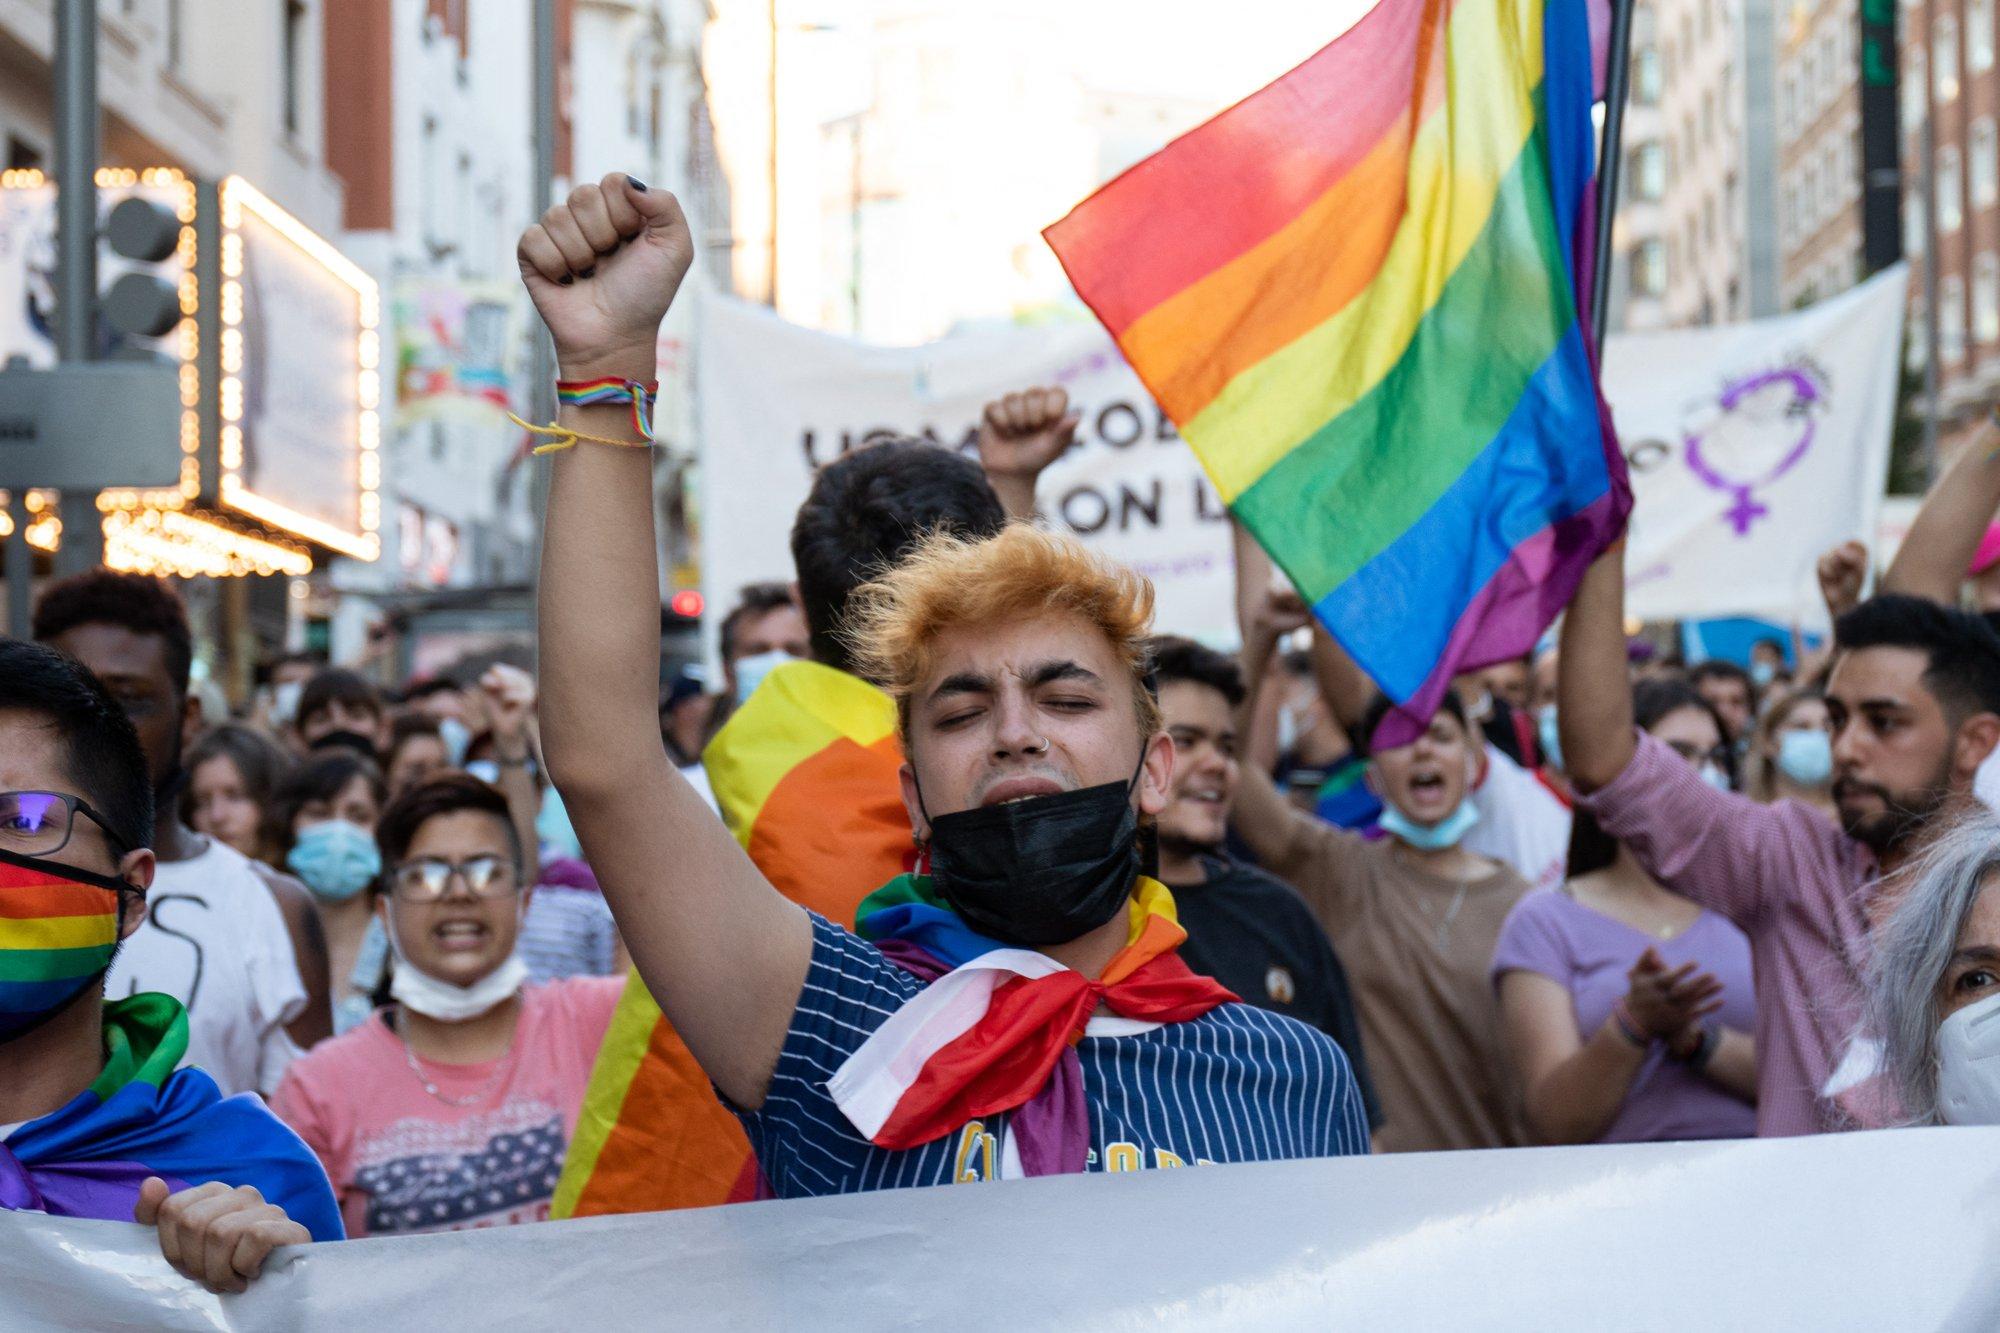 Agyonvertek az utcán egy buzit Spanyolországban, tüntetések kezdődtek